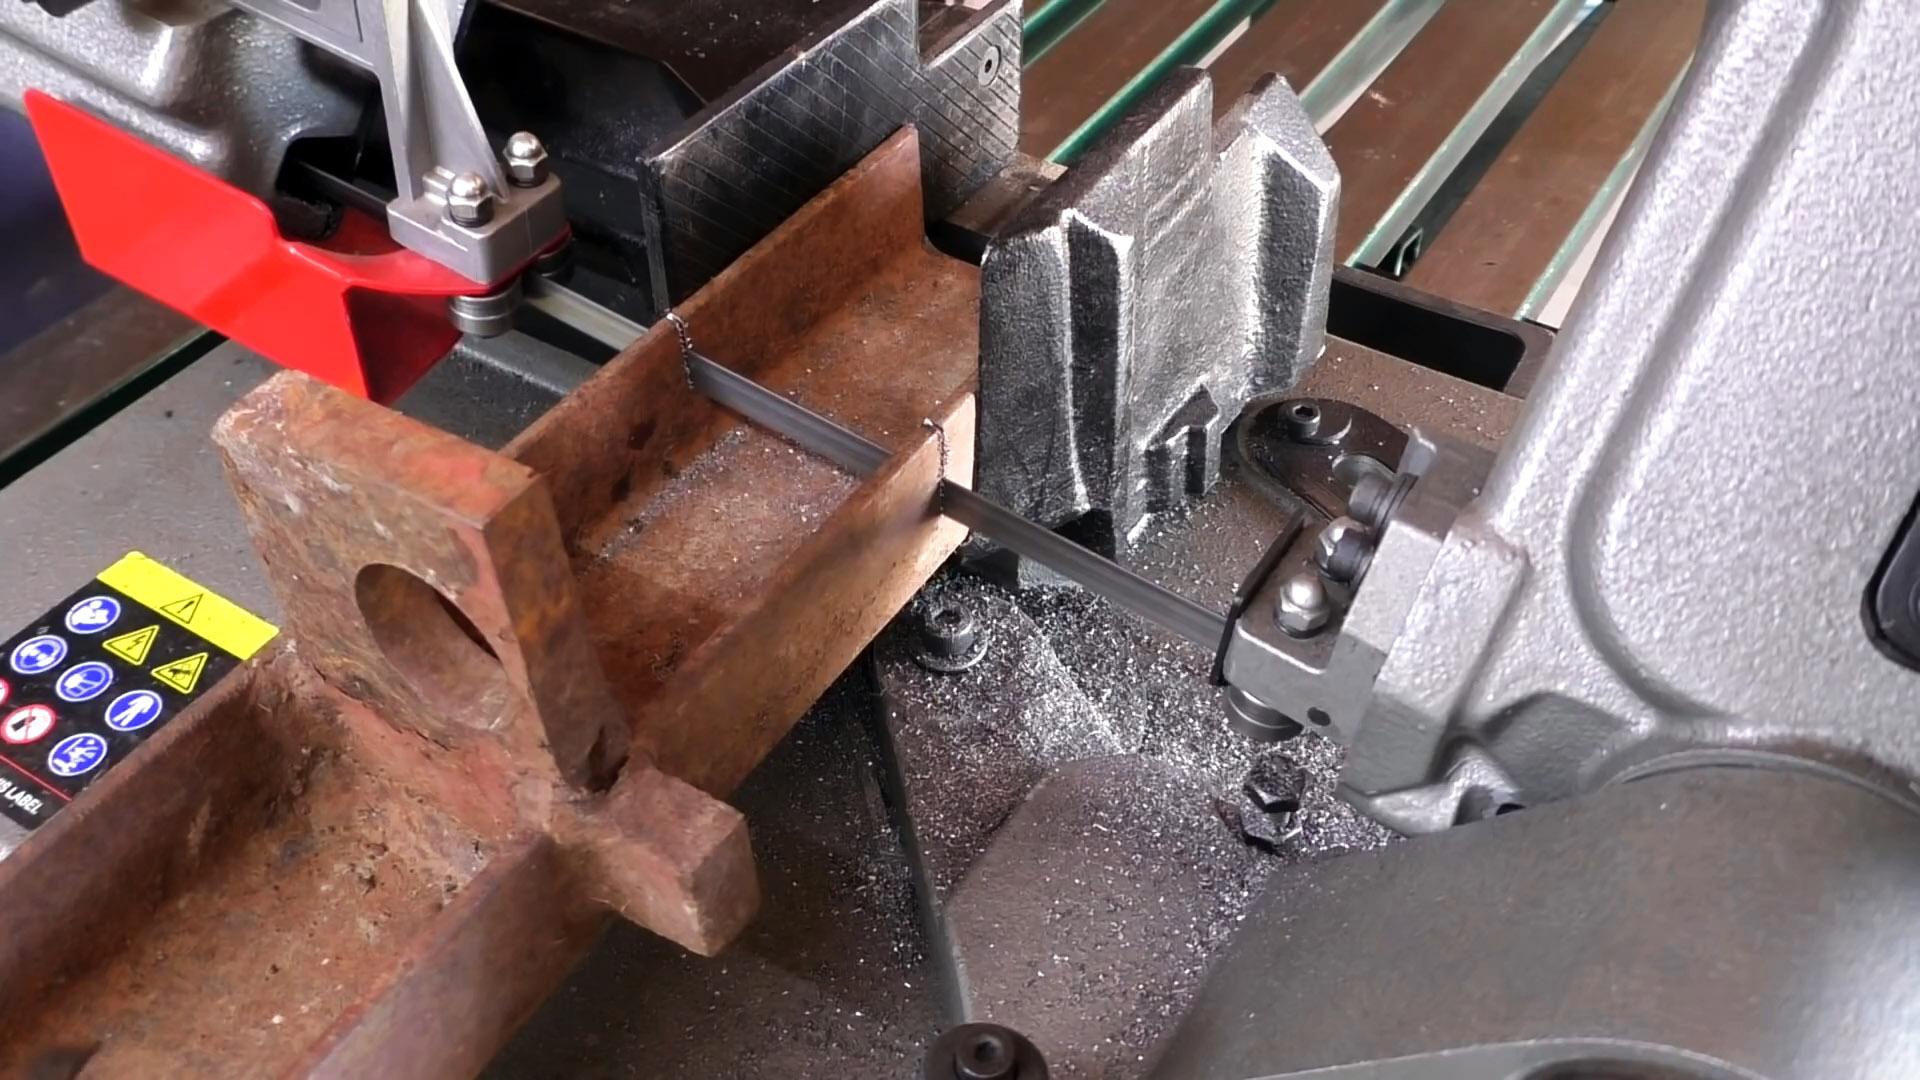 Как из старых автозапчастей сделать инструмент идеальной обрезки труб для стыковки под любым углом